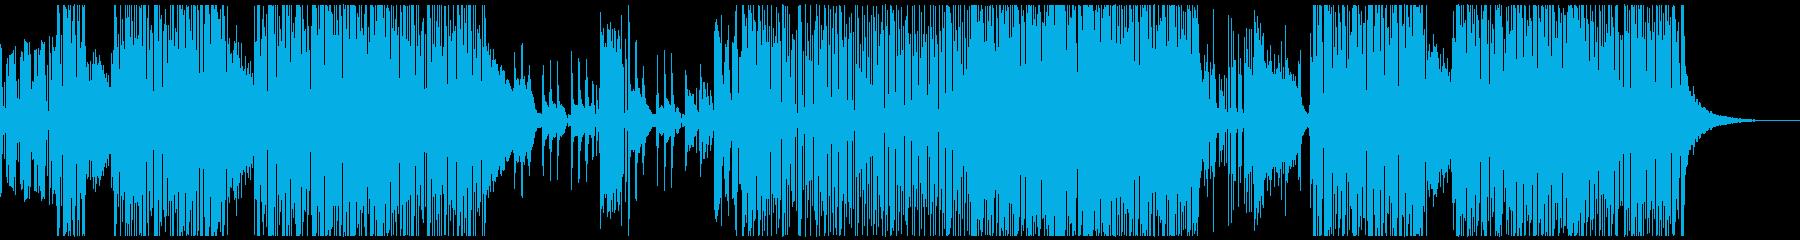 壮大 和風ピアノオーケストラ曲の再生済みの波形